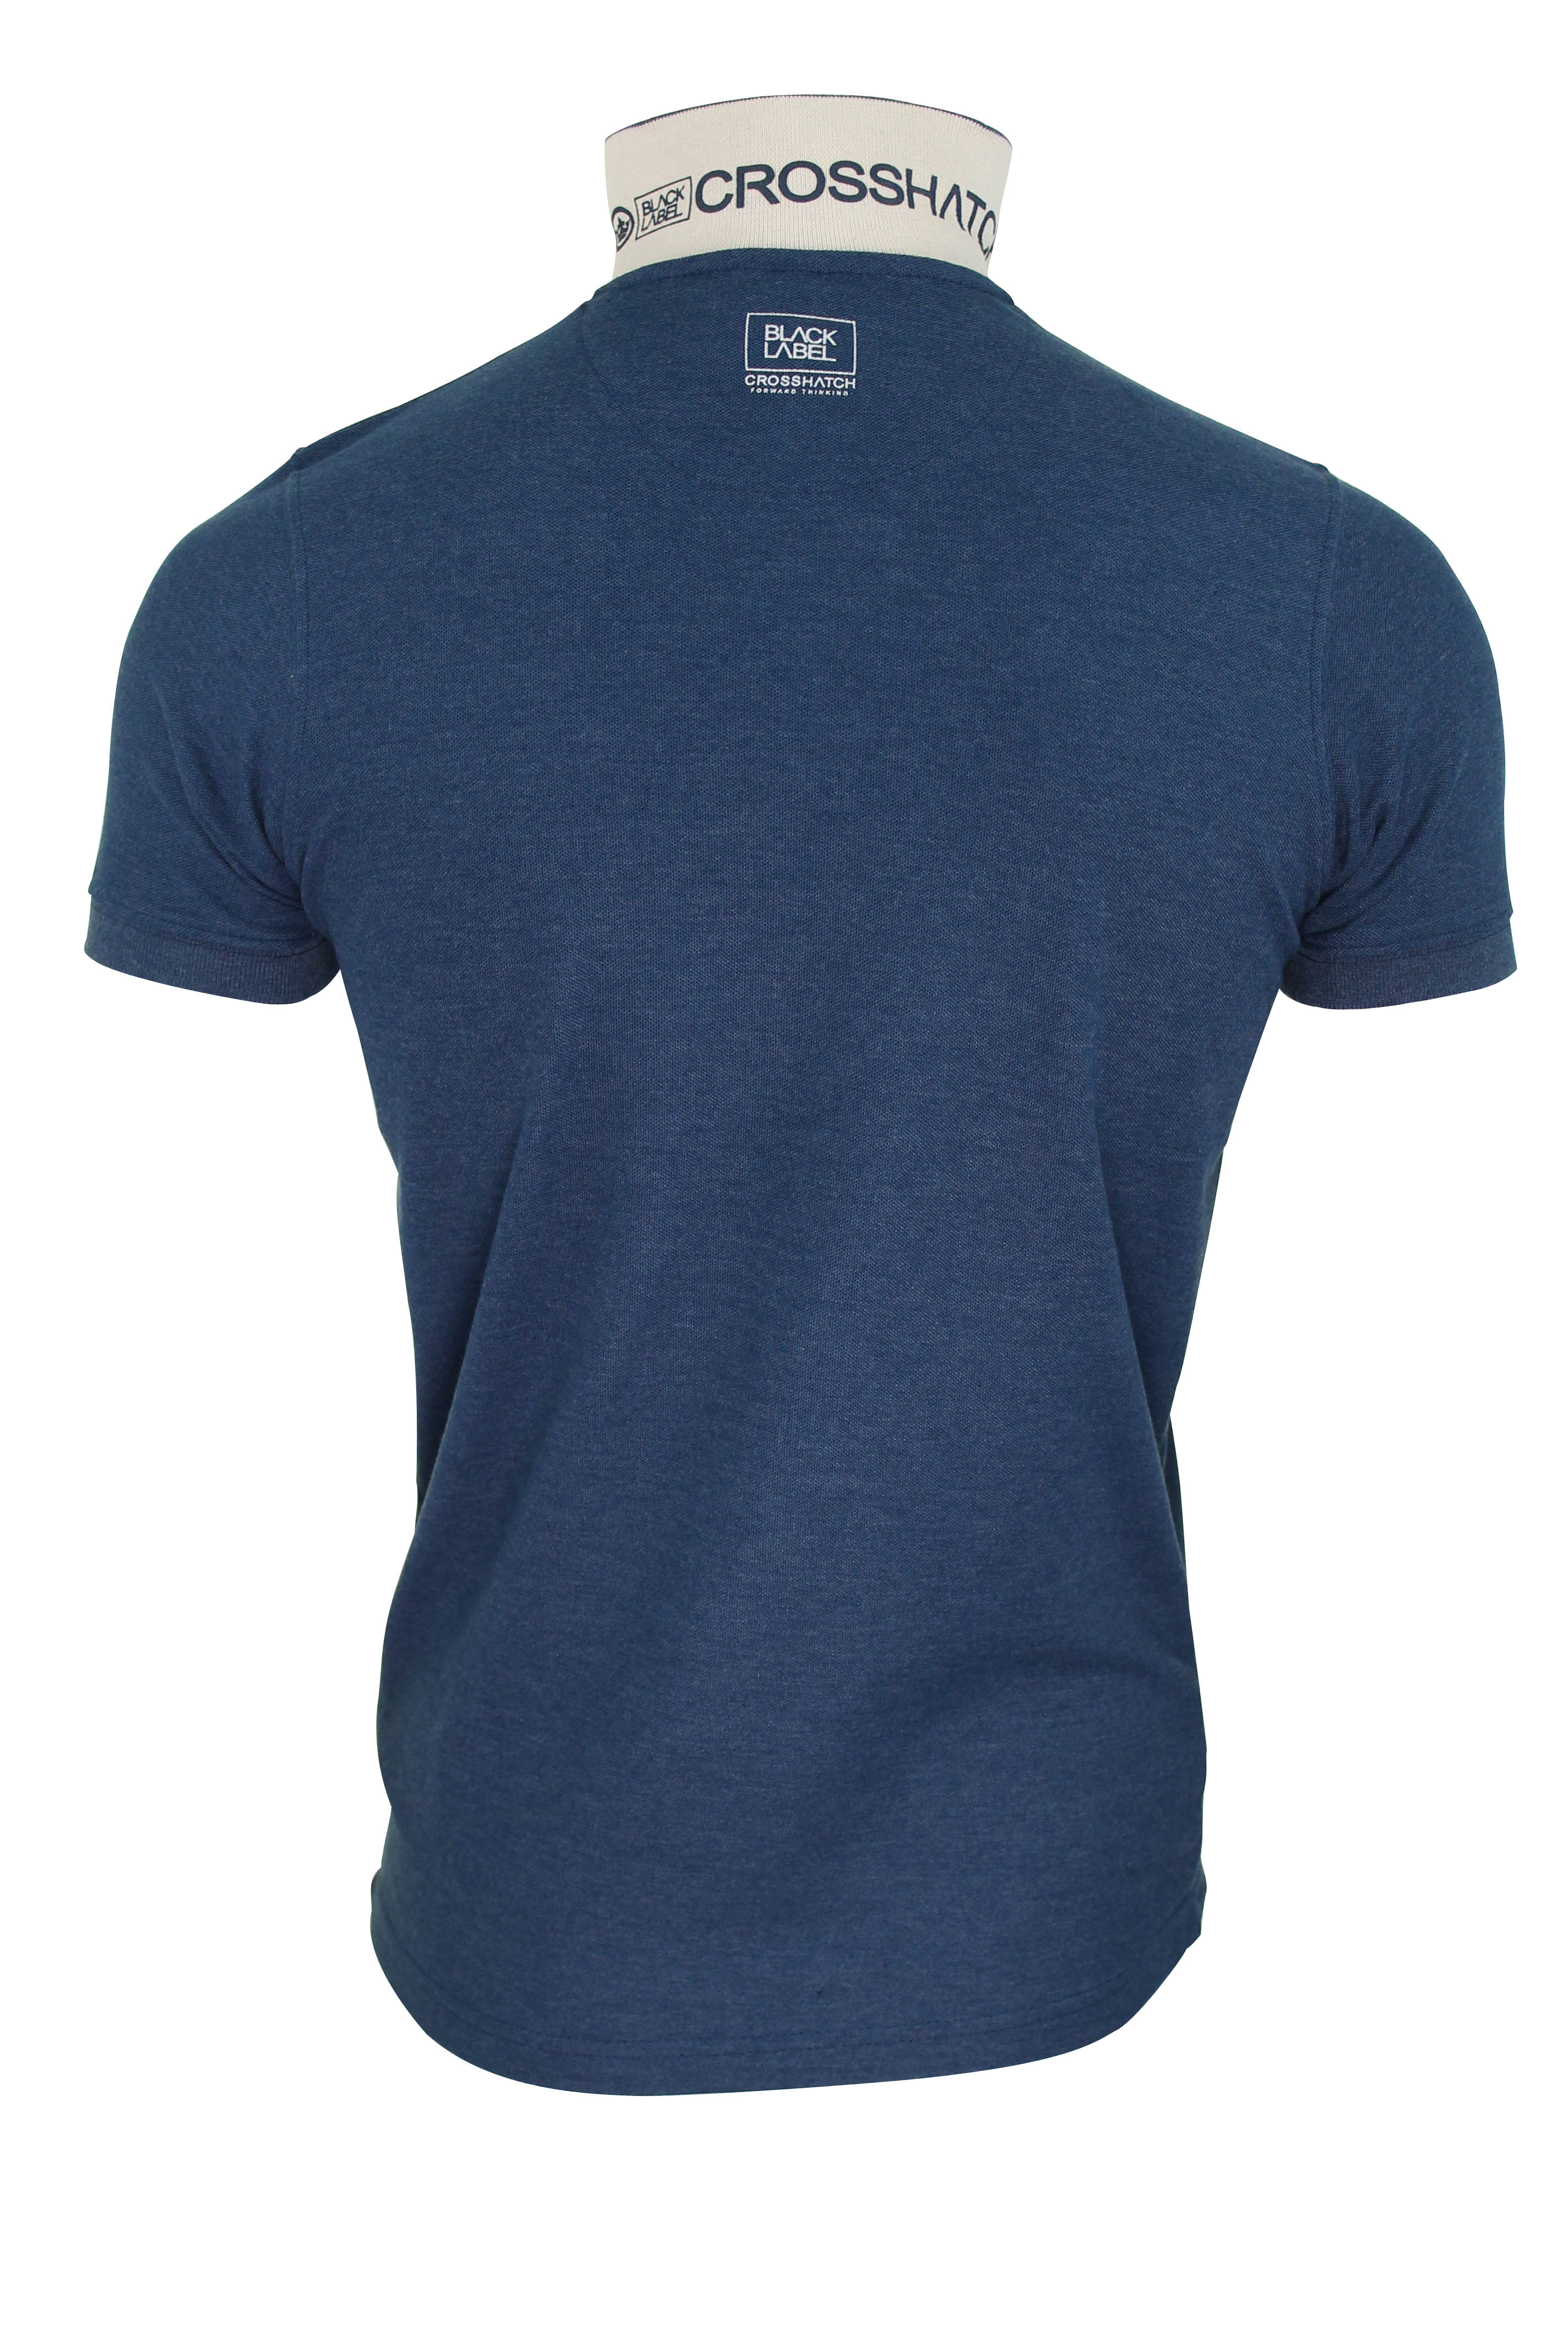 Mens polo t shirt by crosshatch 39 leks 39 printed logo short for Polo t shirt printing